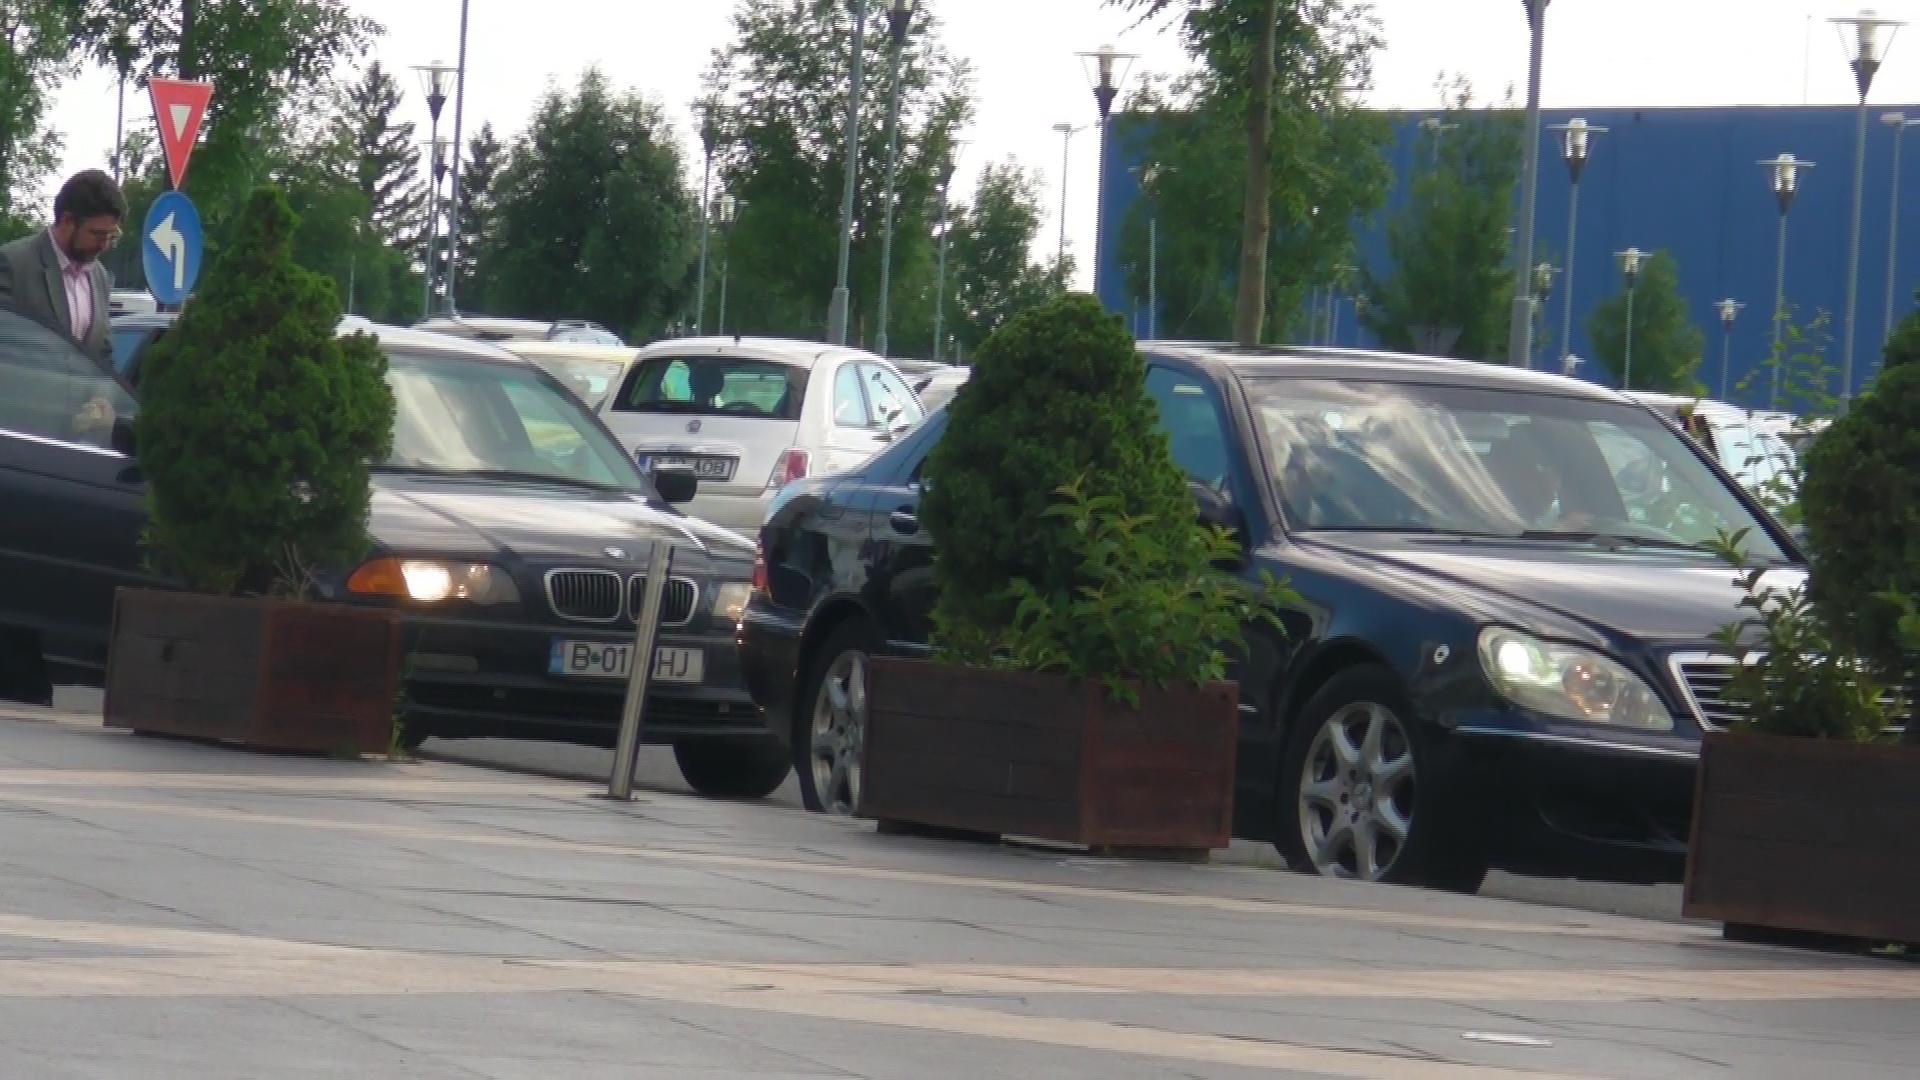 A fost nevoie de doua masini pentru ca fostul presedinte sa mearga la mall